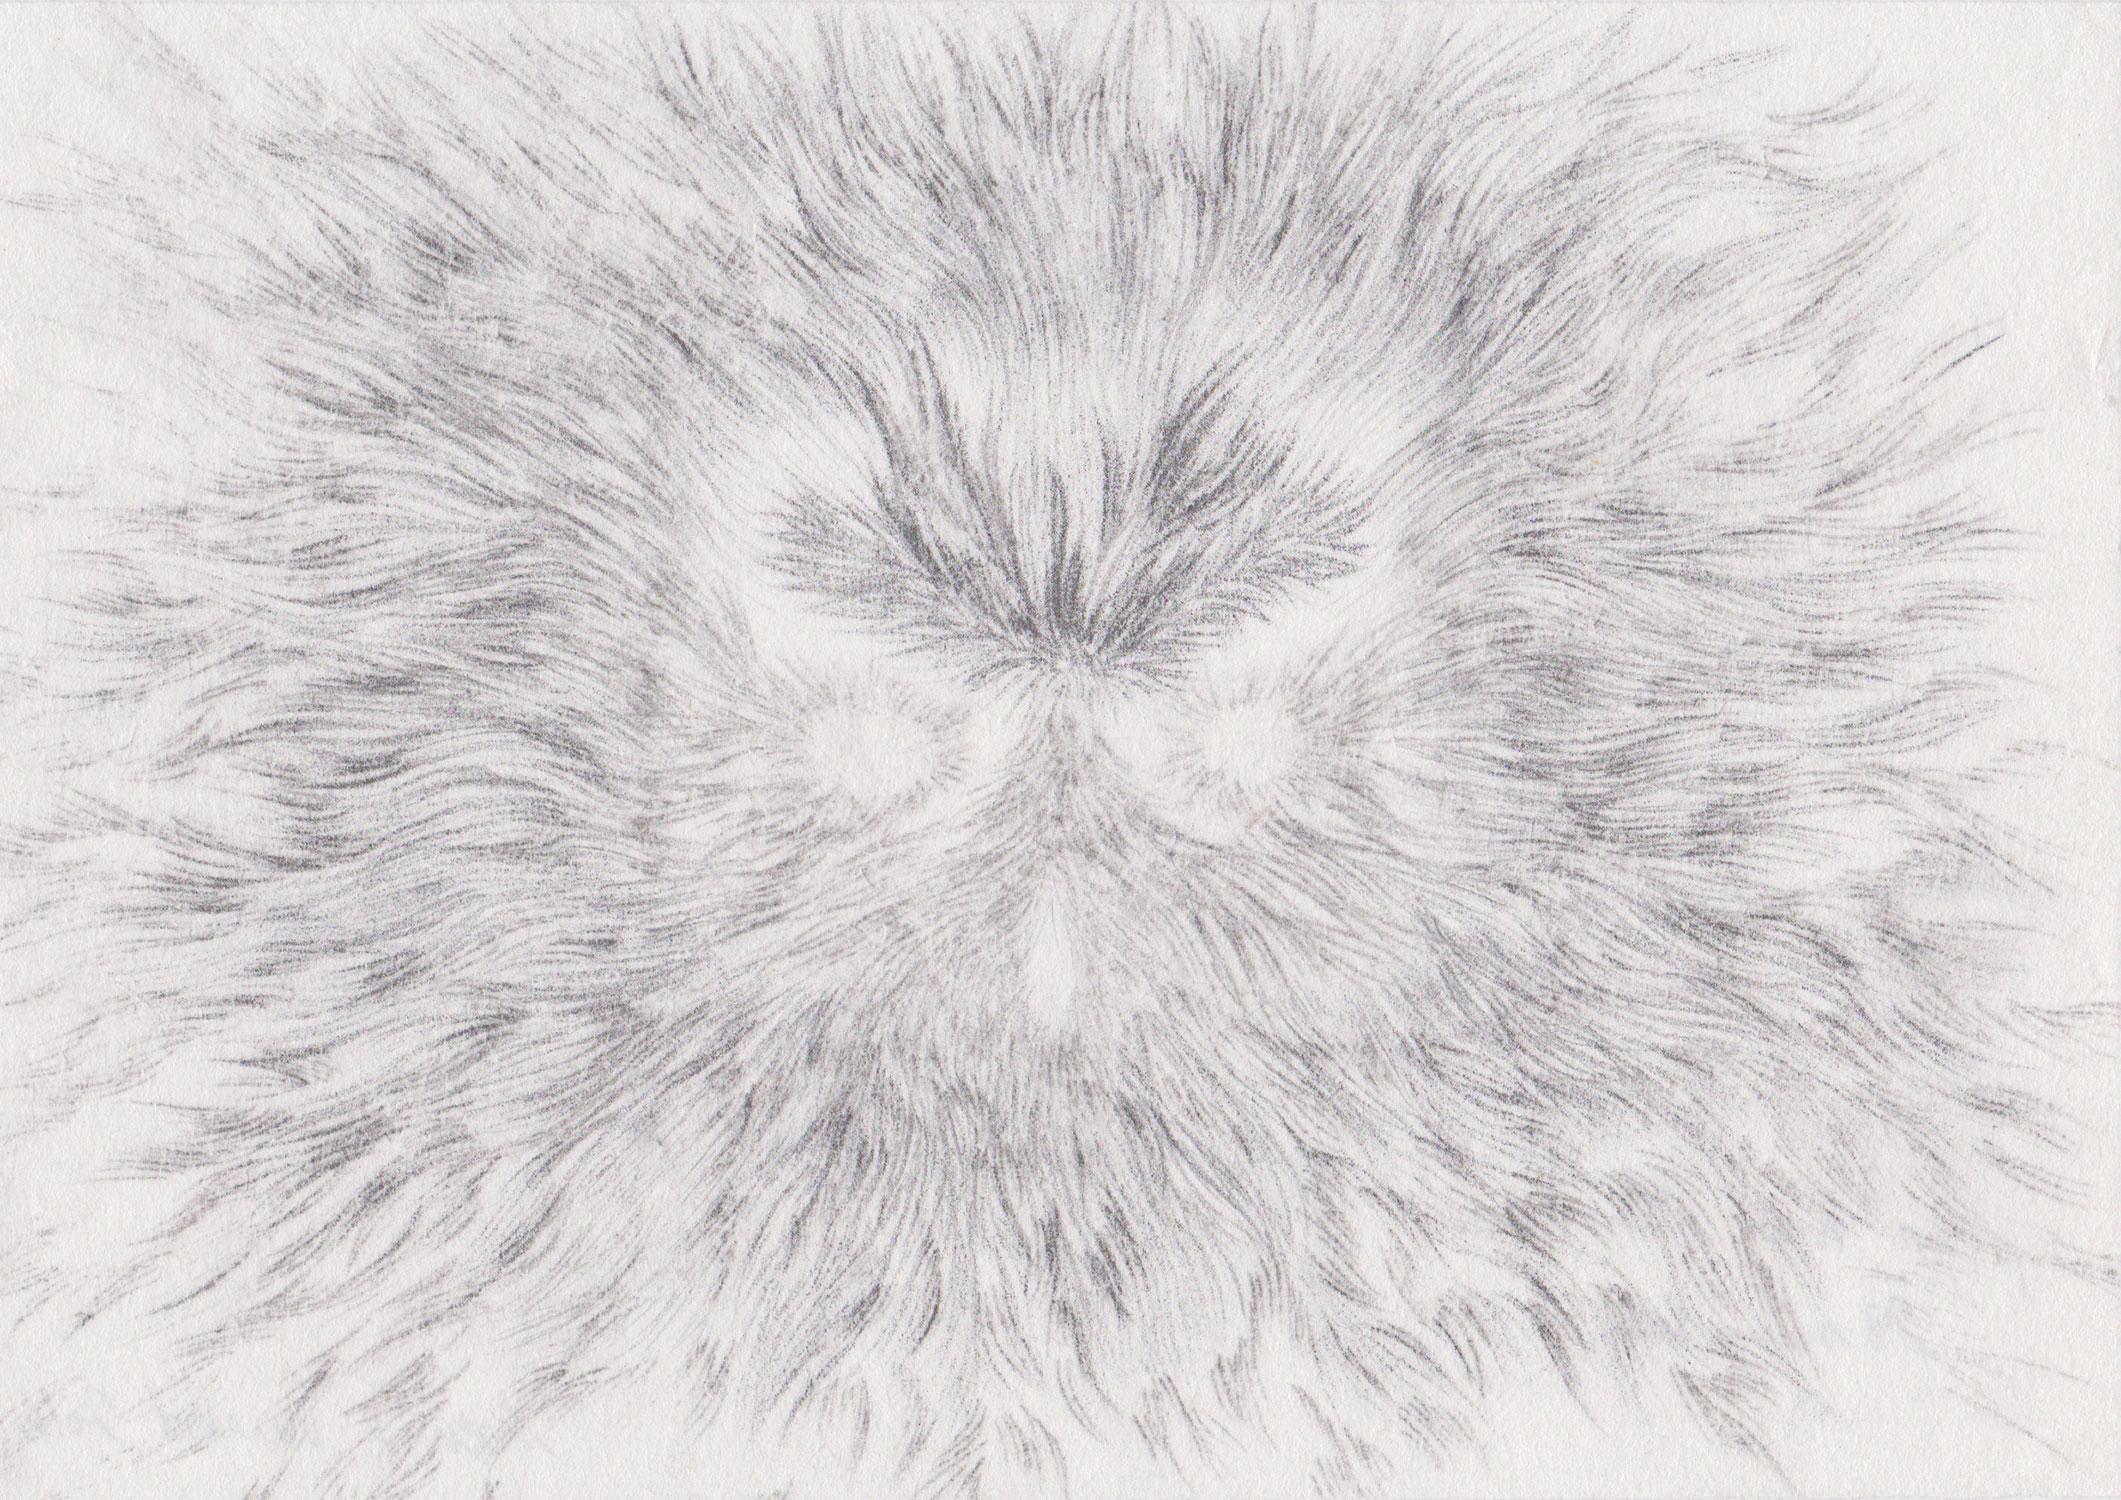 <i>sans titre</i>, 2016, graphite, 15x20,5cm